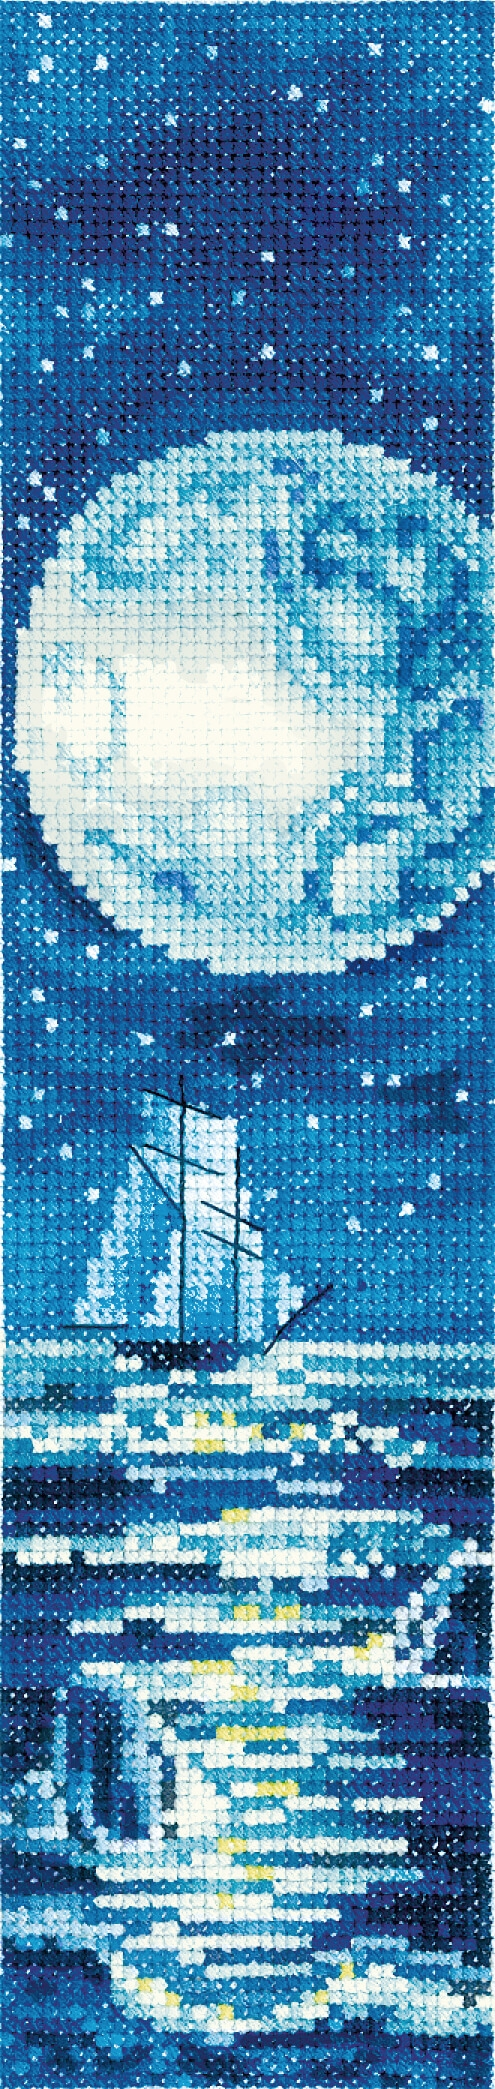 З-56 Закладки. Голубая луна